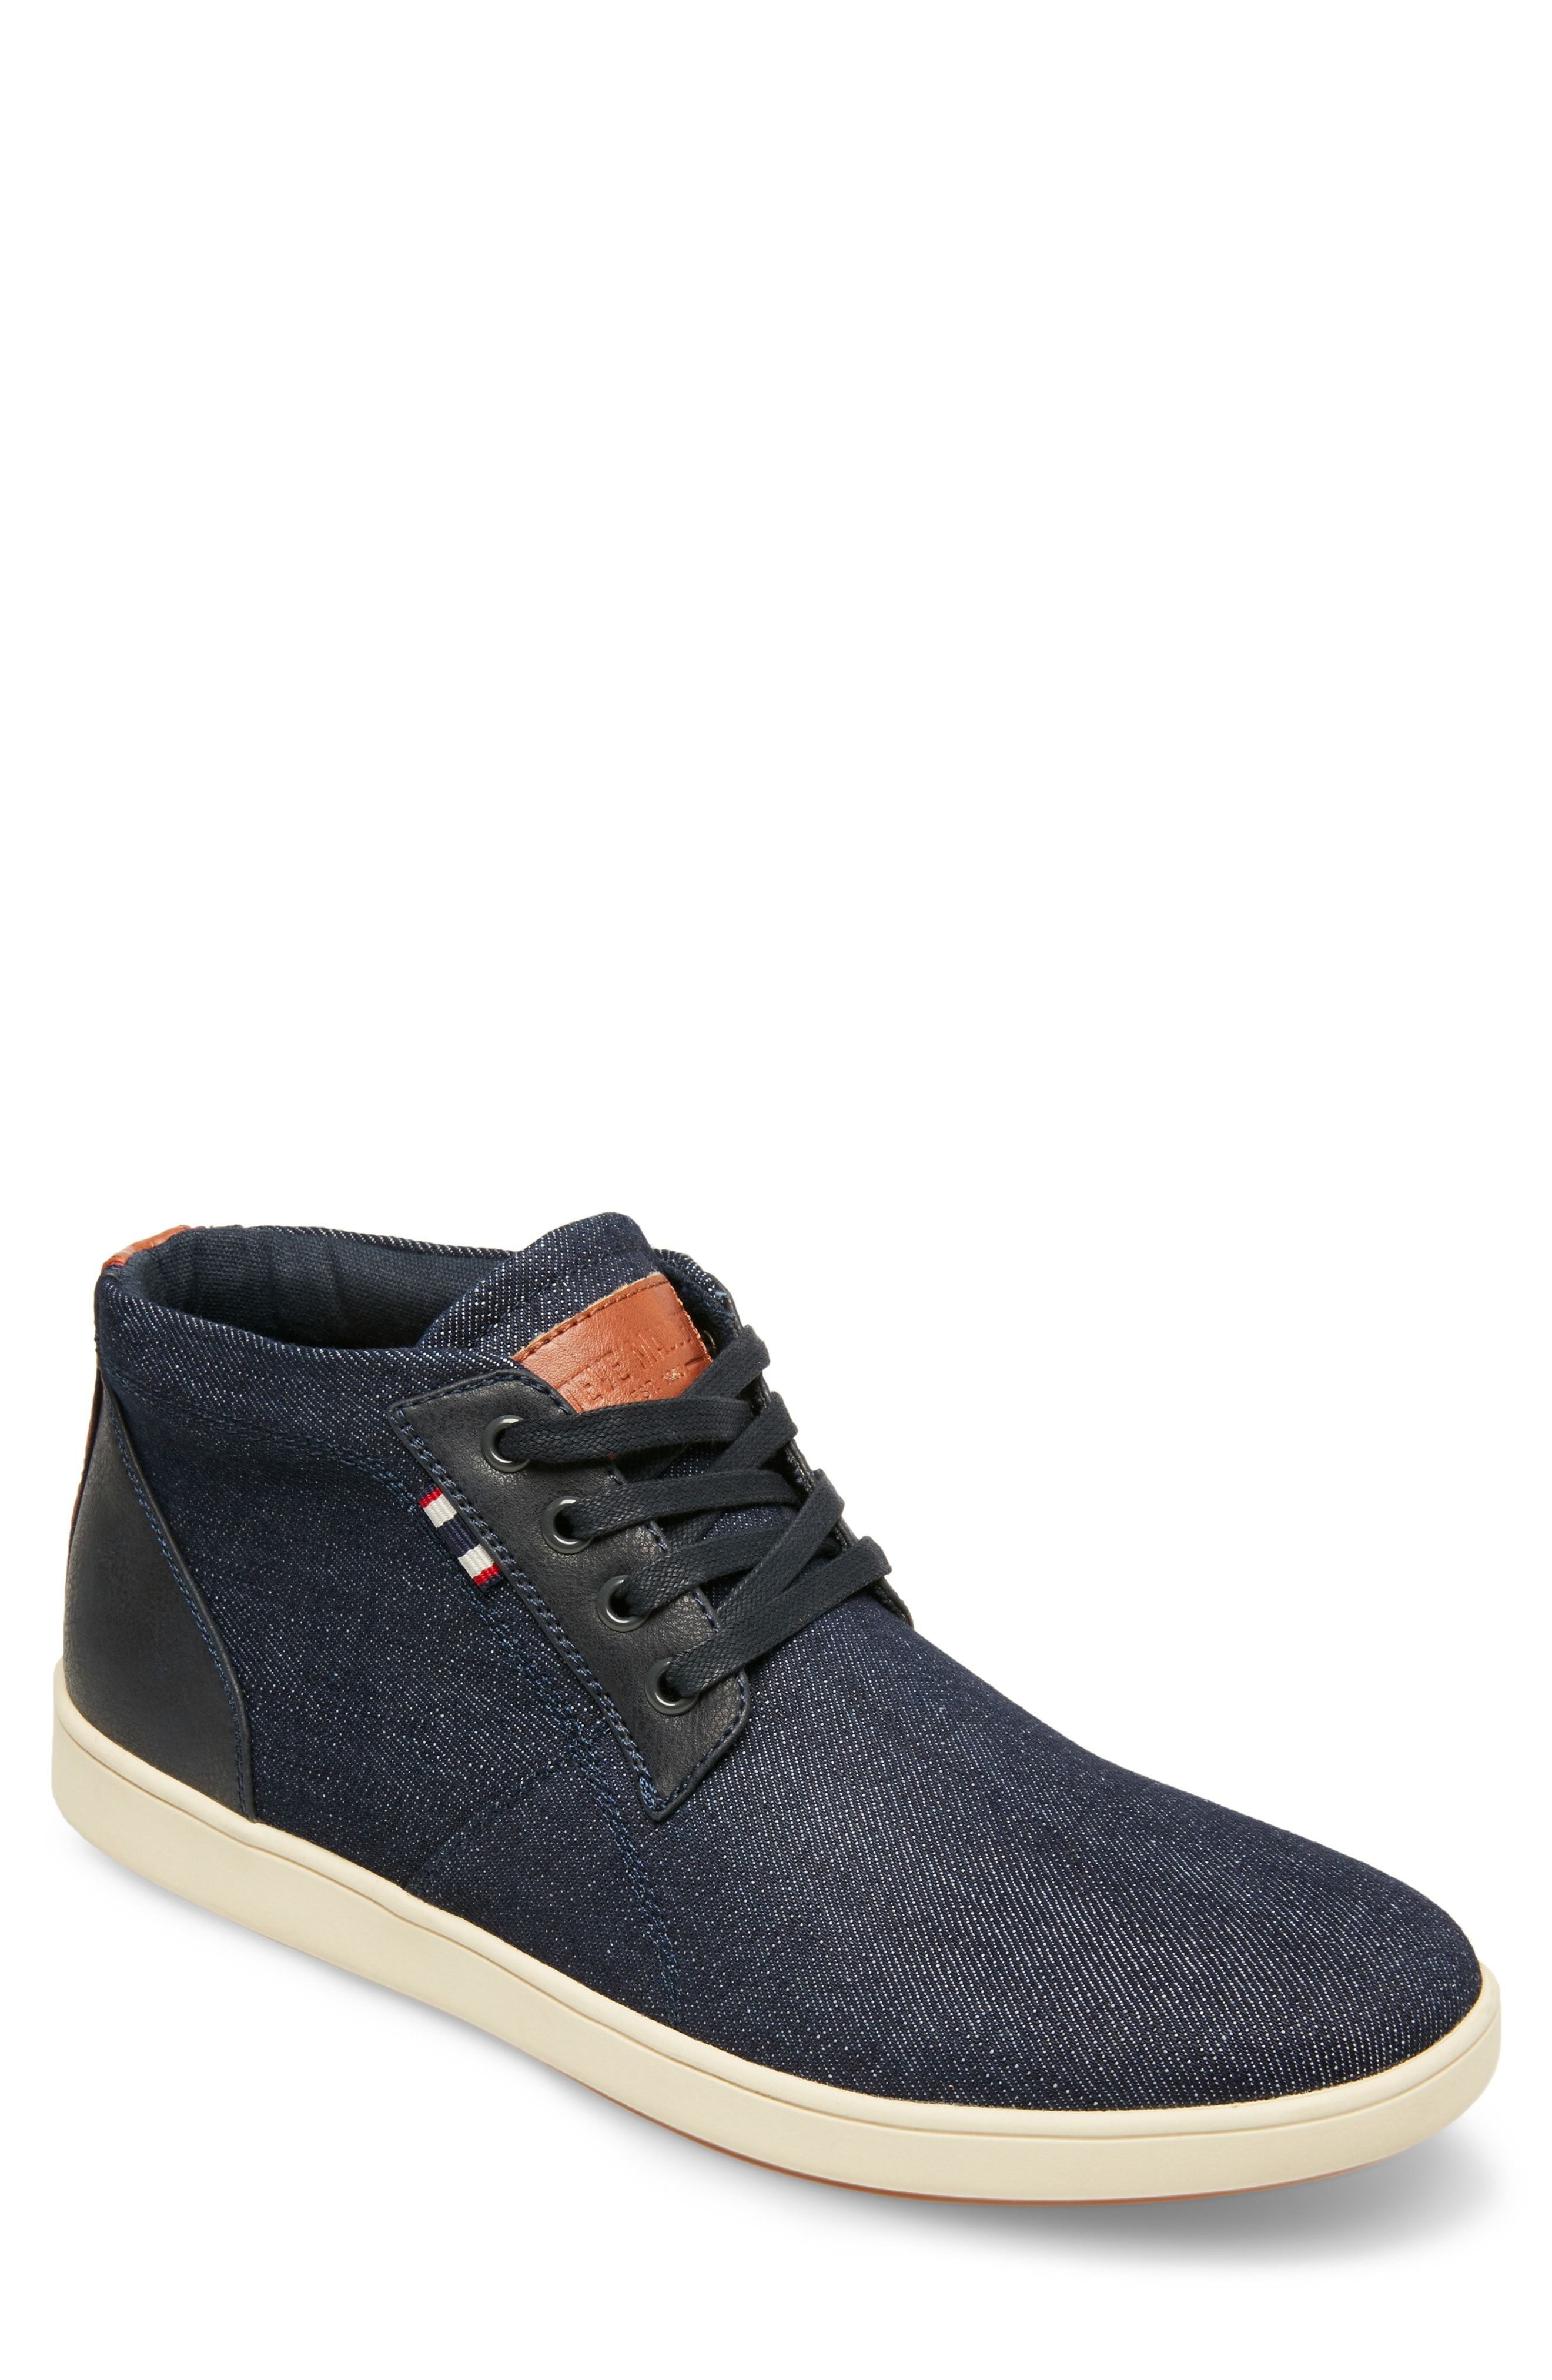 cdaa4b2fd2c STEVE MADDEN FRONTIER CHUKKA BOOT.  stevemadden  shoes